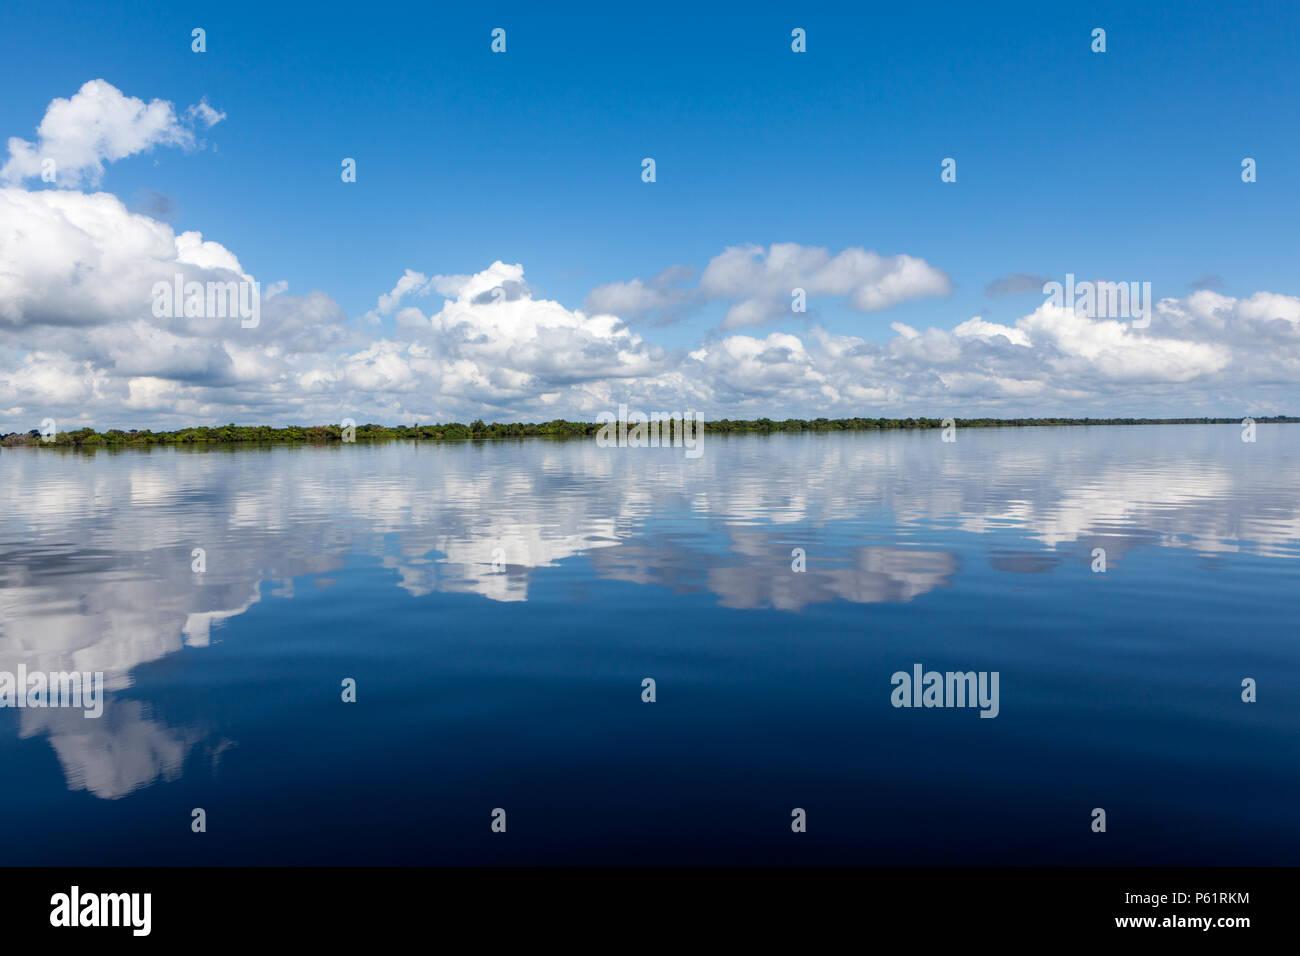 L'Amazonas, Brésil - rivière dans la forêt amazonienne avec les eaux sombres de la rivière Negro reflétant ciel bleu et nuages et forêt en arrière-plan sur Photo Stock